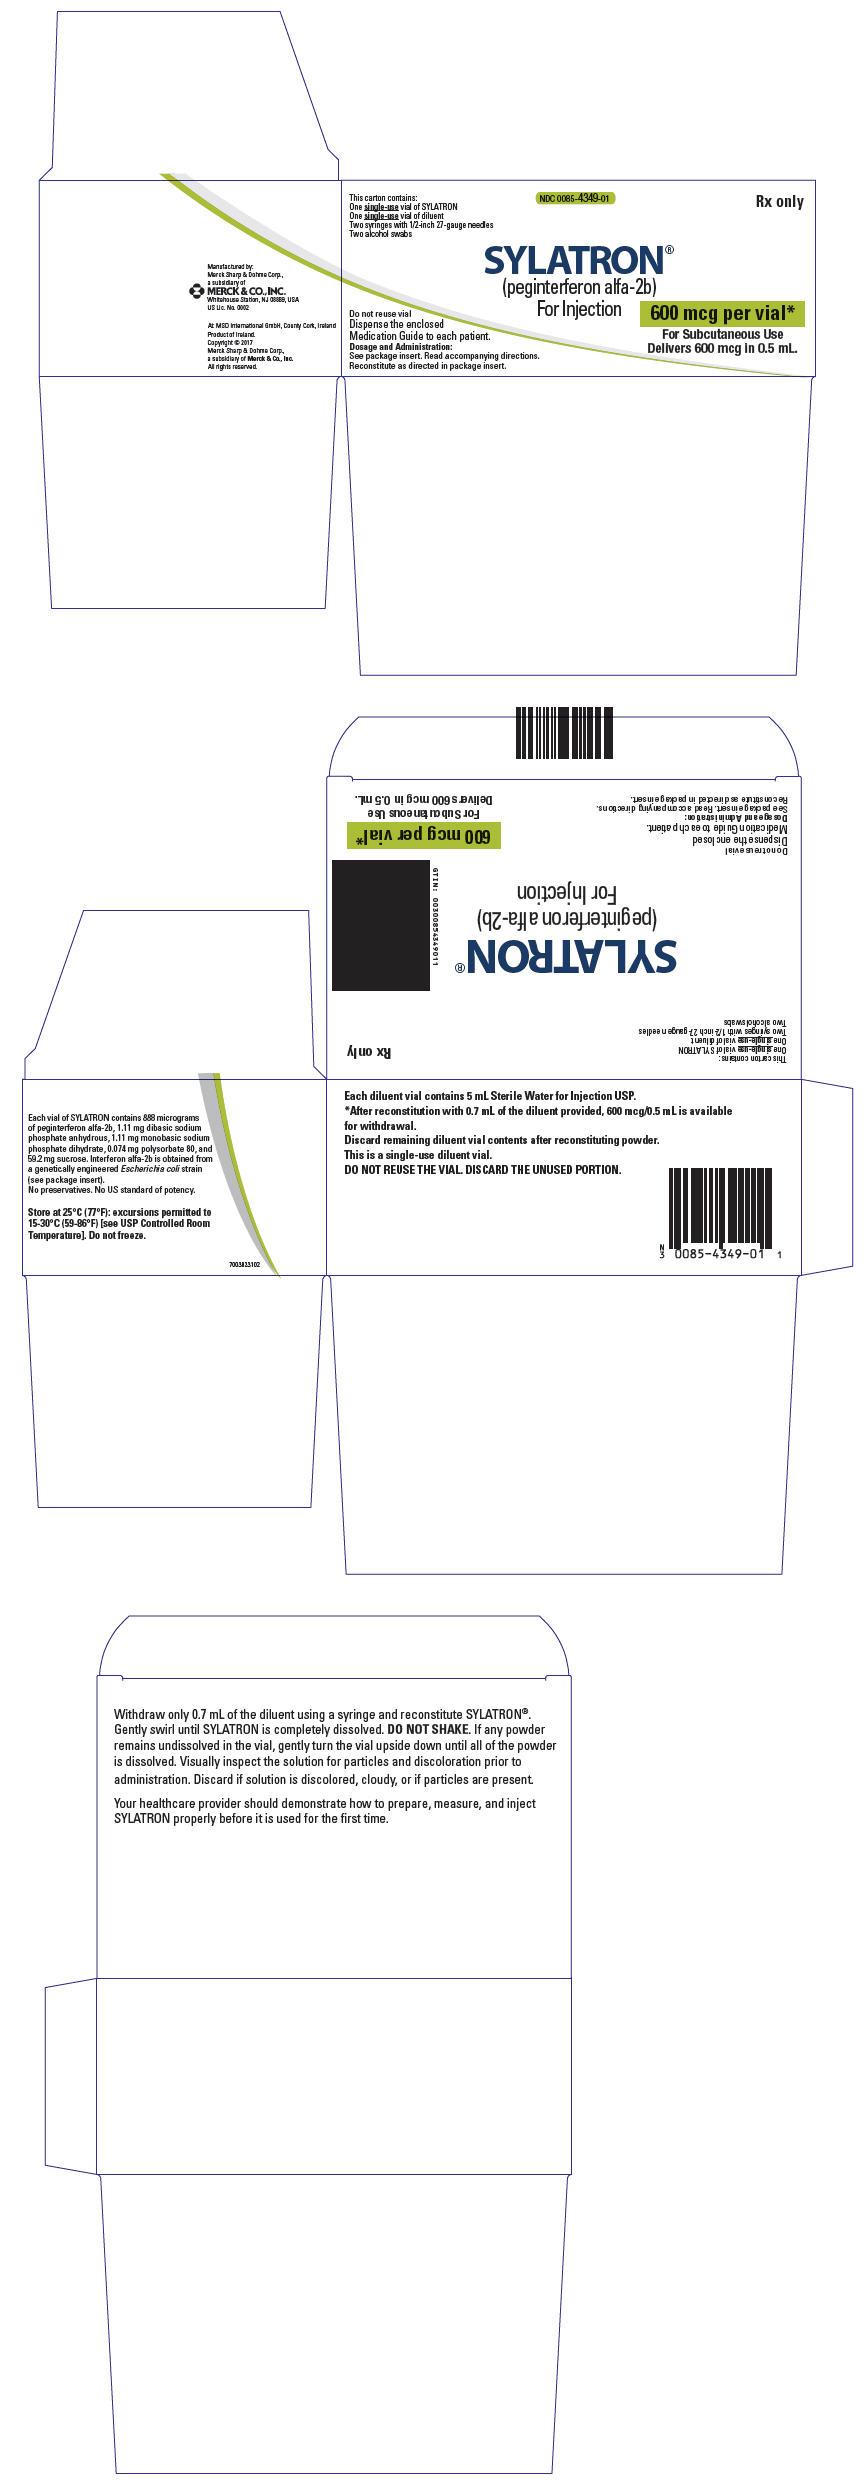 PRINCIPAL DISPLAY PANEL - Kit Carton - 600 mcg